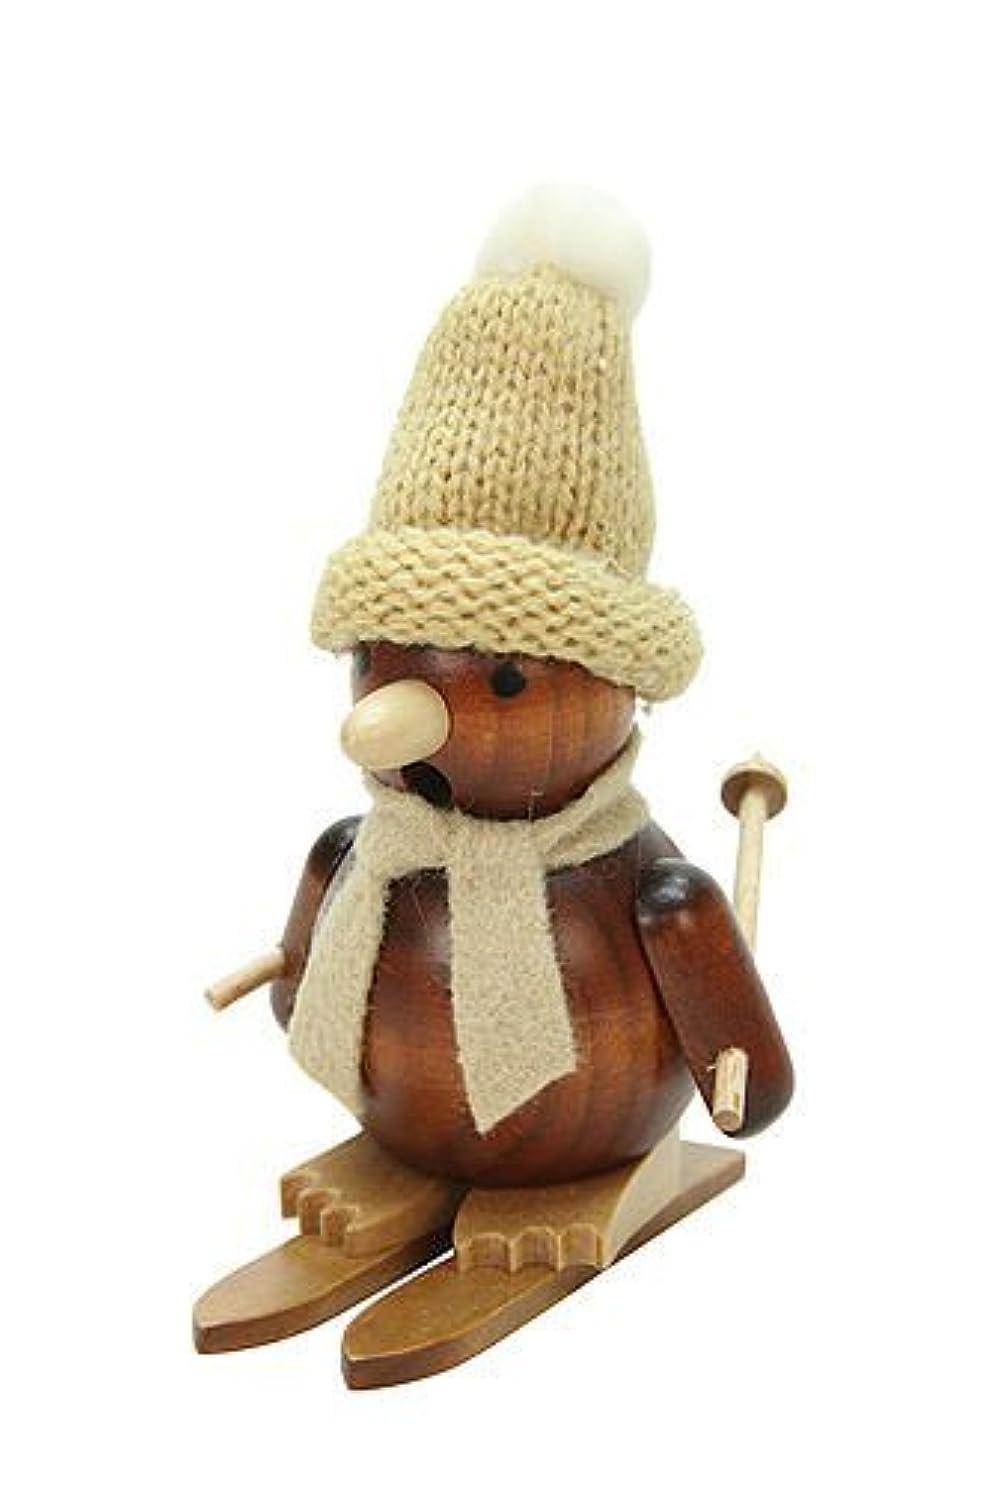 幻滅するツイン倒錯ドイツ語喫煙者Incense Penguin onスキー天然木製 – 11 cm / 4インチ – Christian Ulbricht